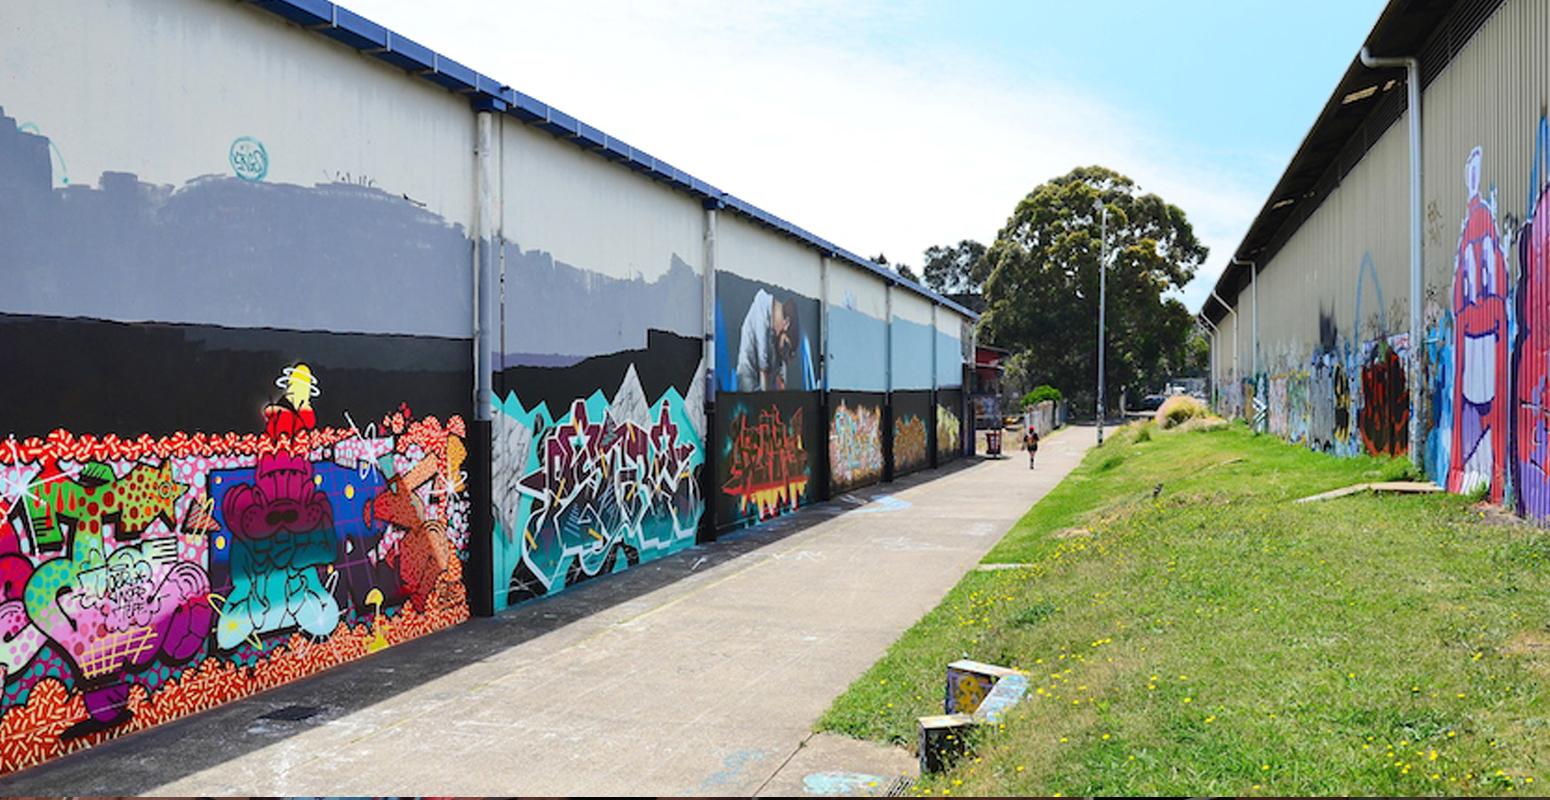 工場 壁 アート